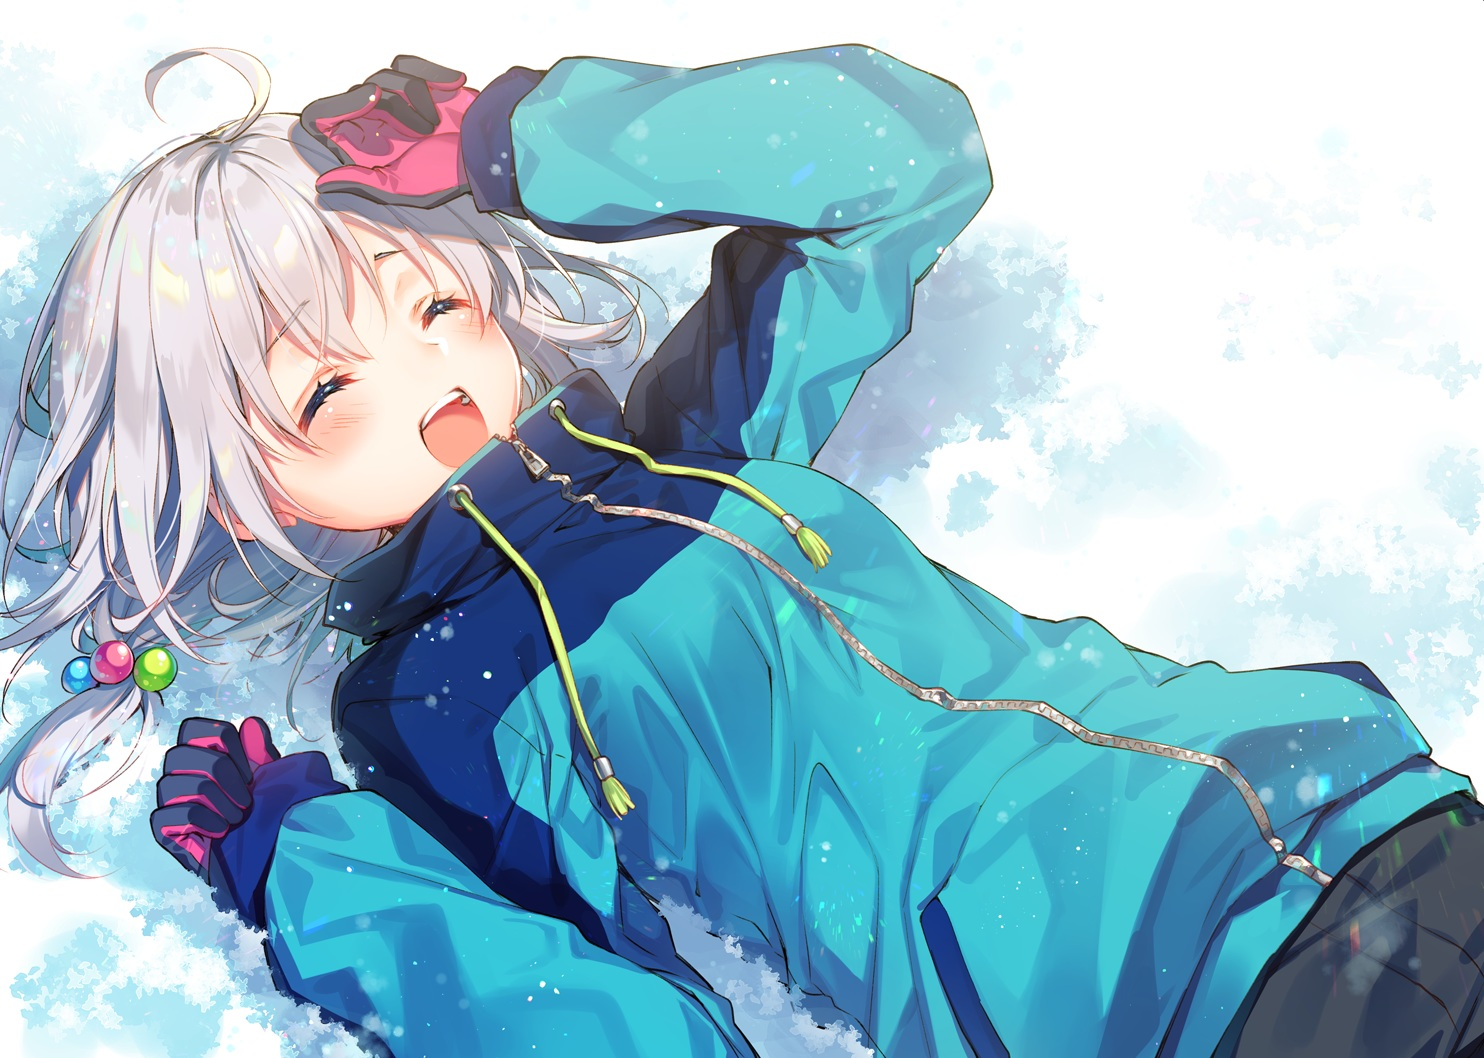 blush gloves gray_hair original short_hair snow toosaka_asagi